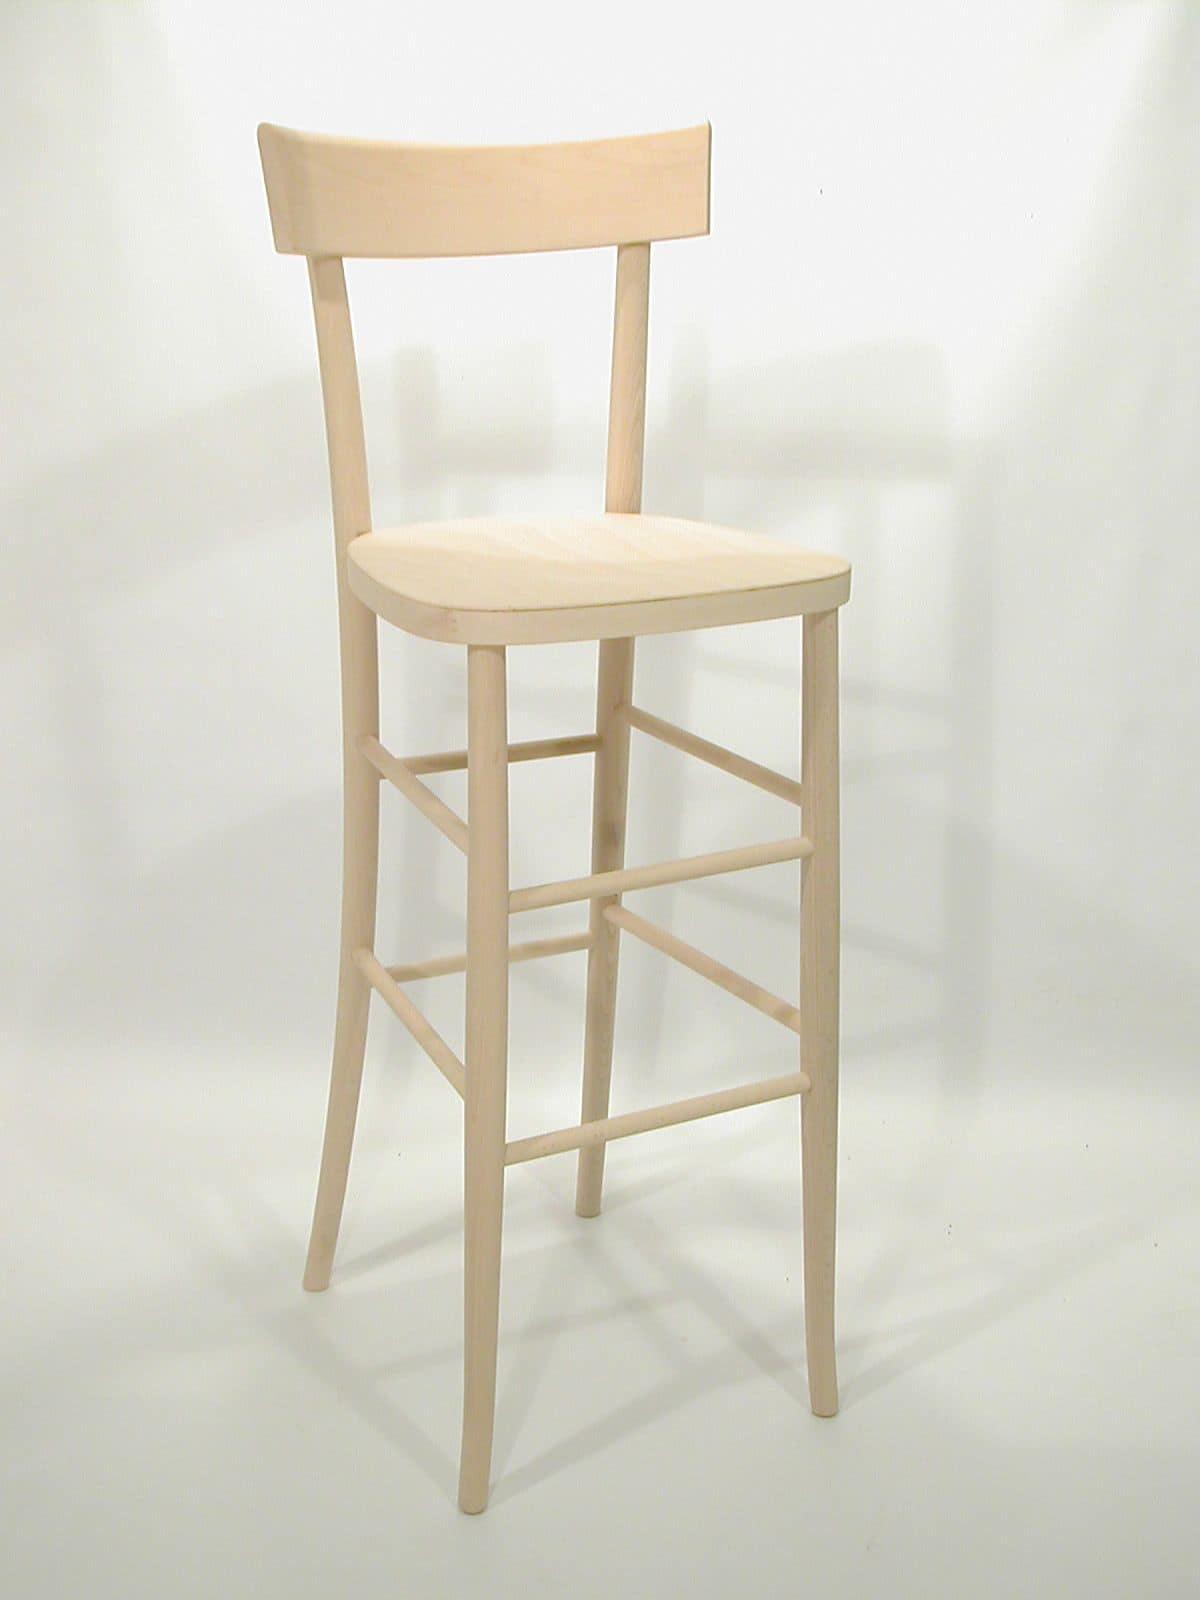 Milano Barhocker, Stuhl aus Buche für Pubs, Bars und Restaurants